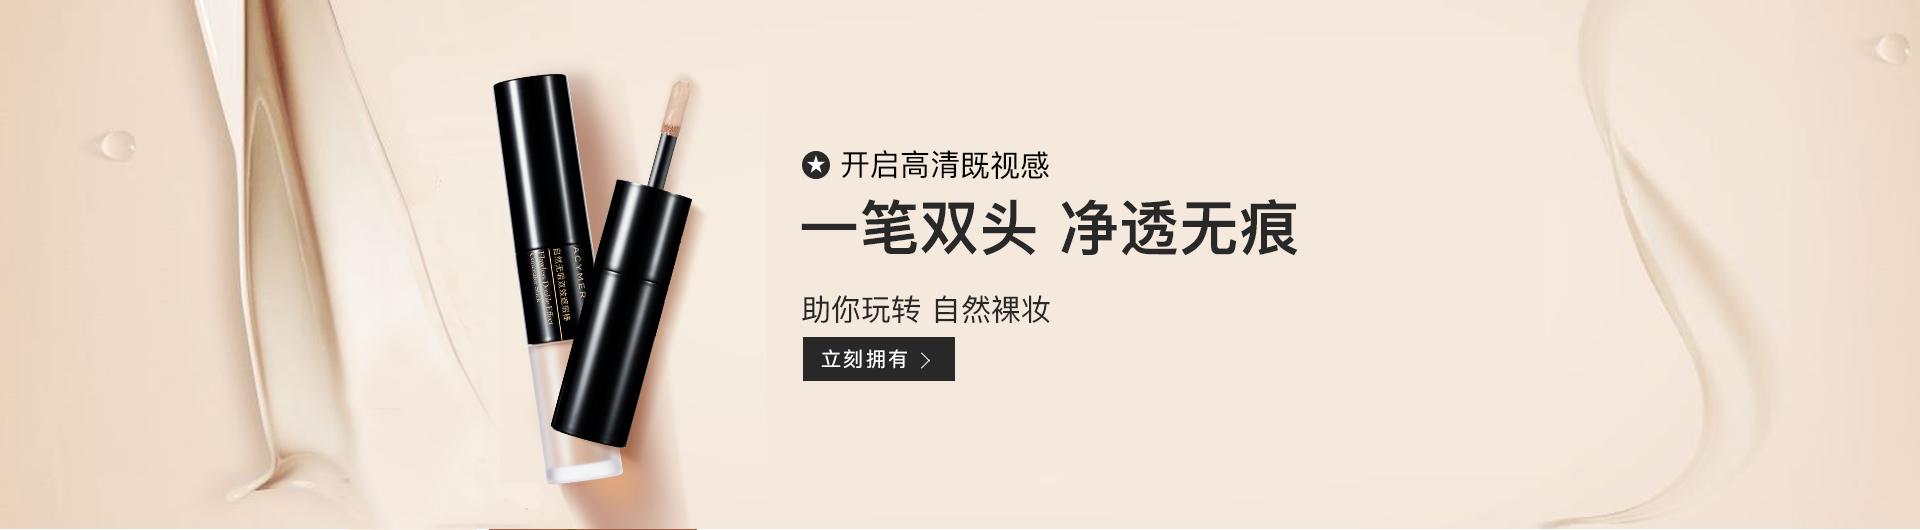 彩妆头部Banner